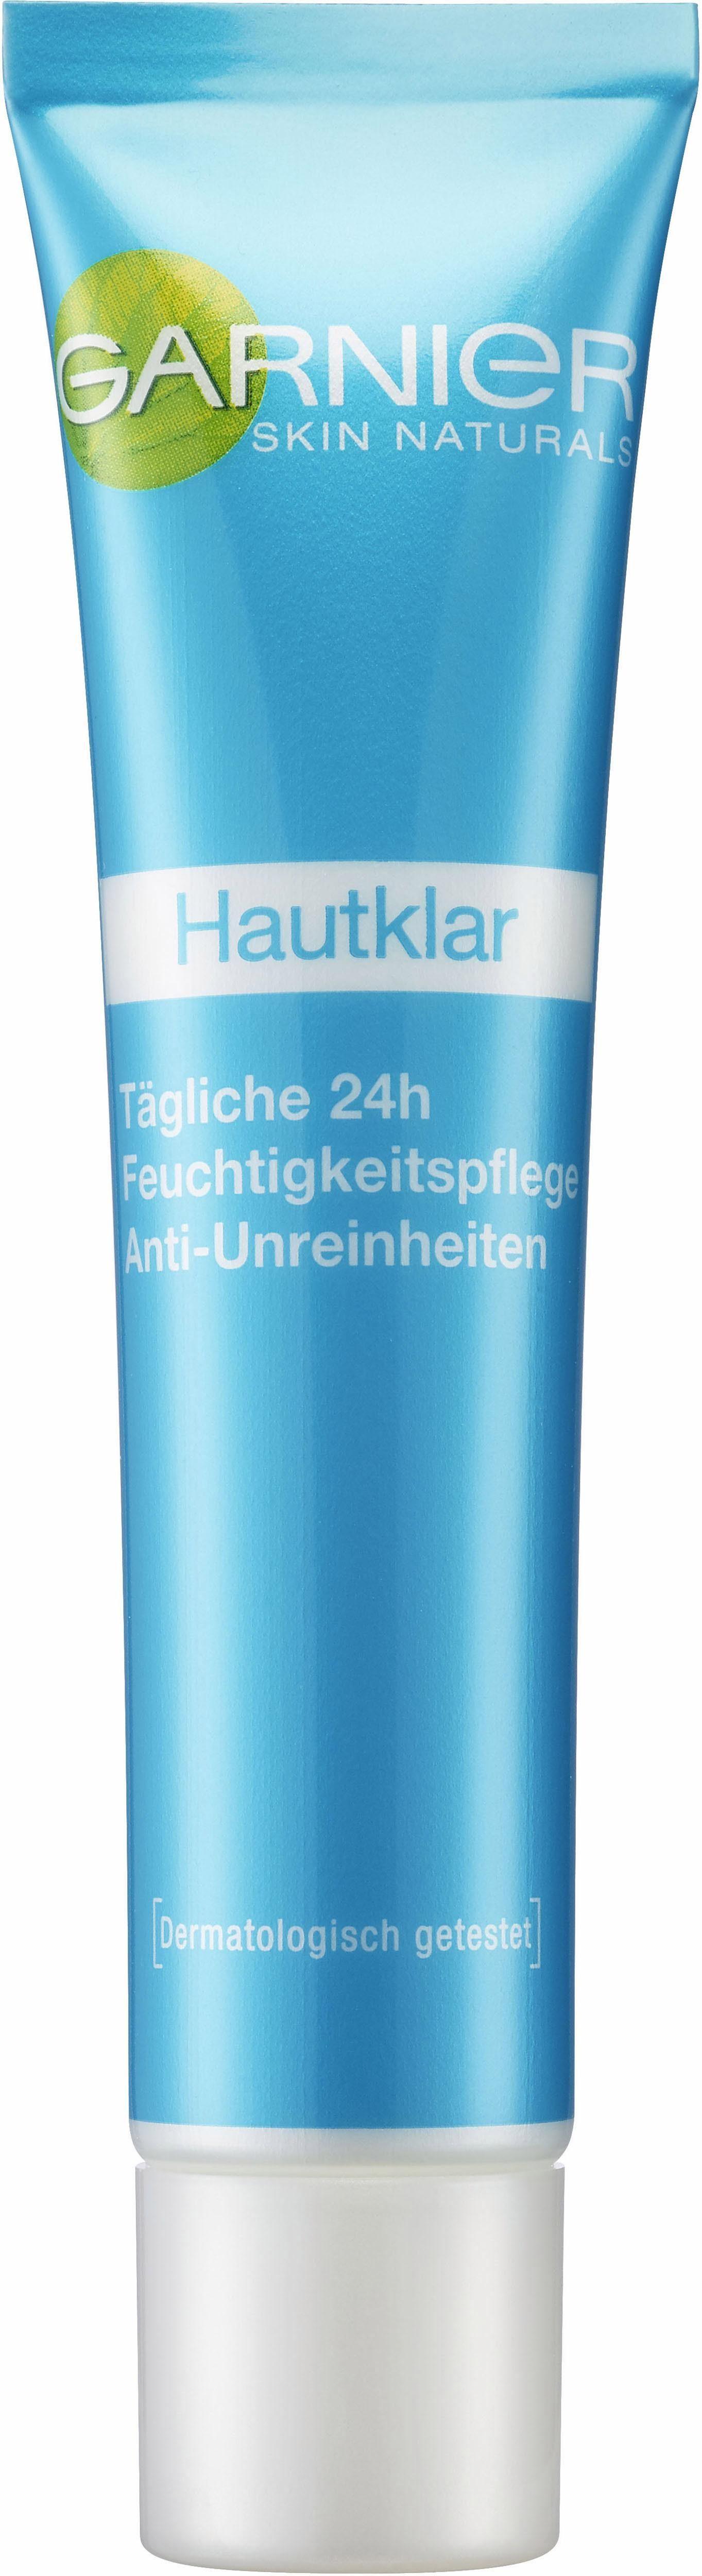 Garnier, »Hautklar Tägliche 24H Feuchtigkeitspflege«, Gesichtspflege